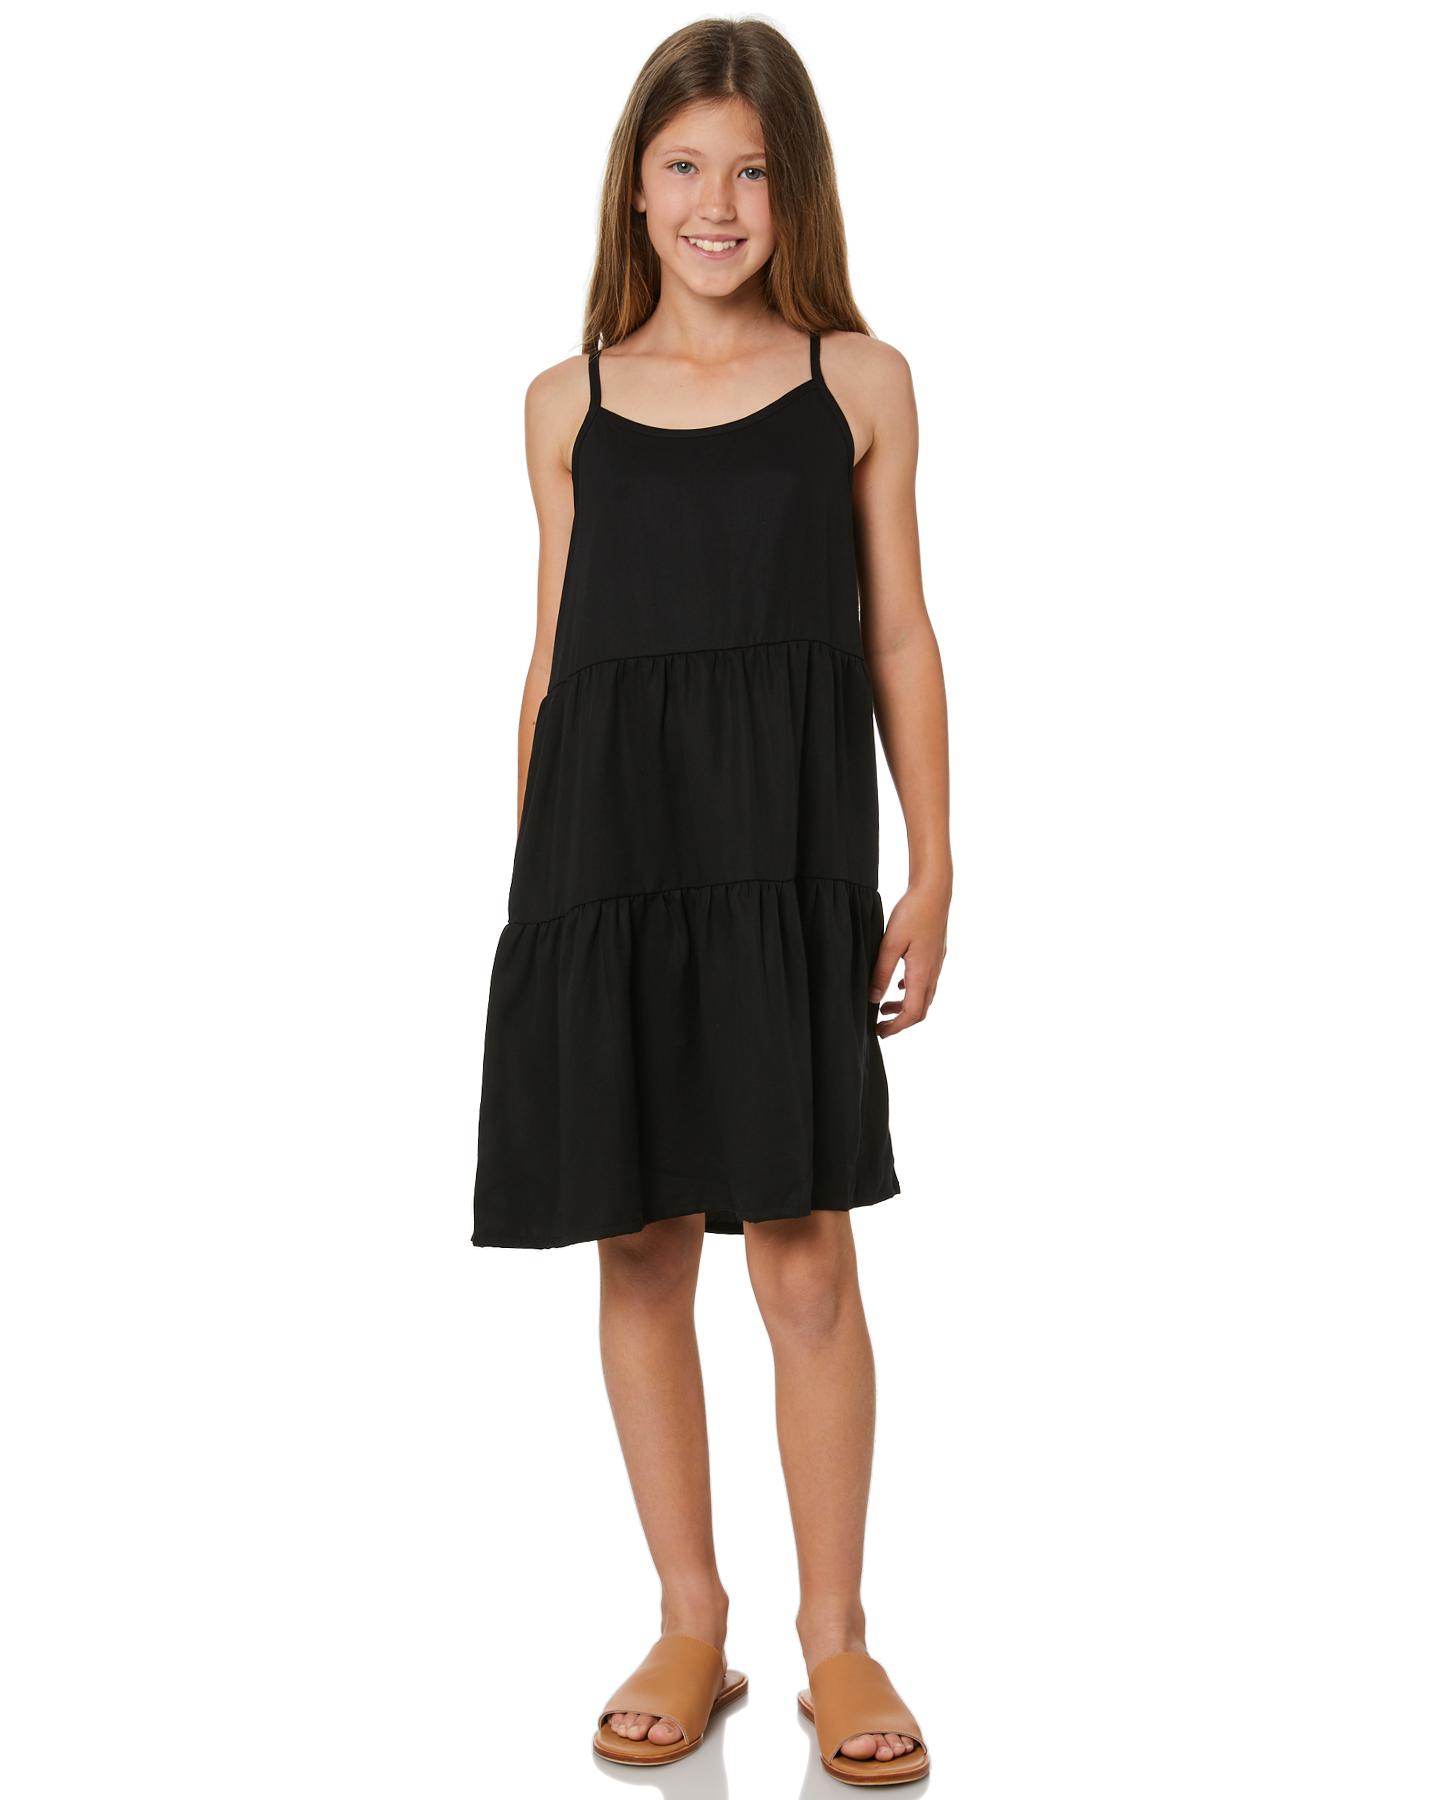 Eves Sister Girls Bondi Dress - Teen Black